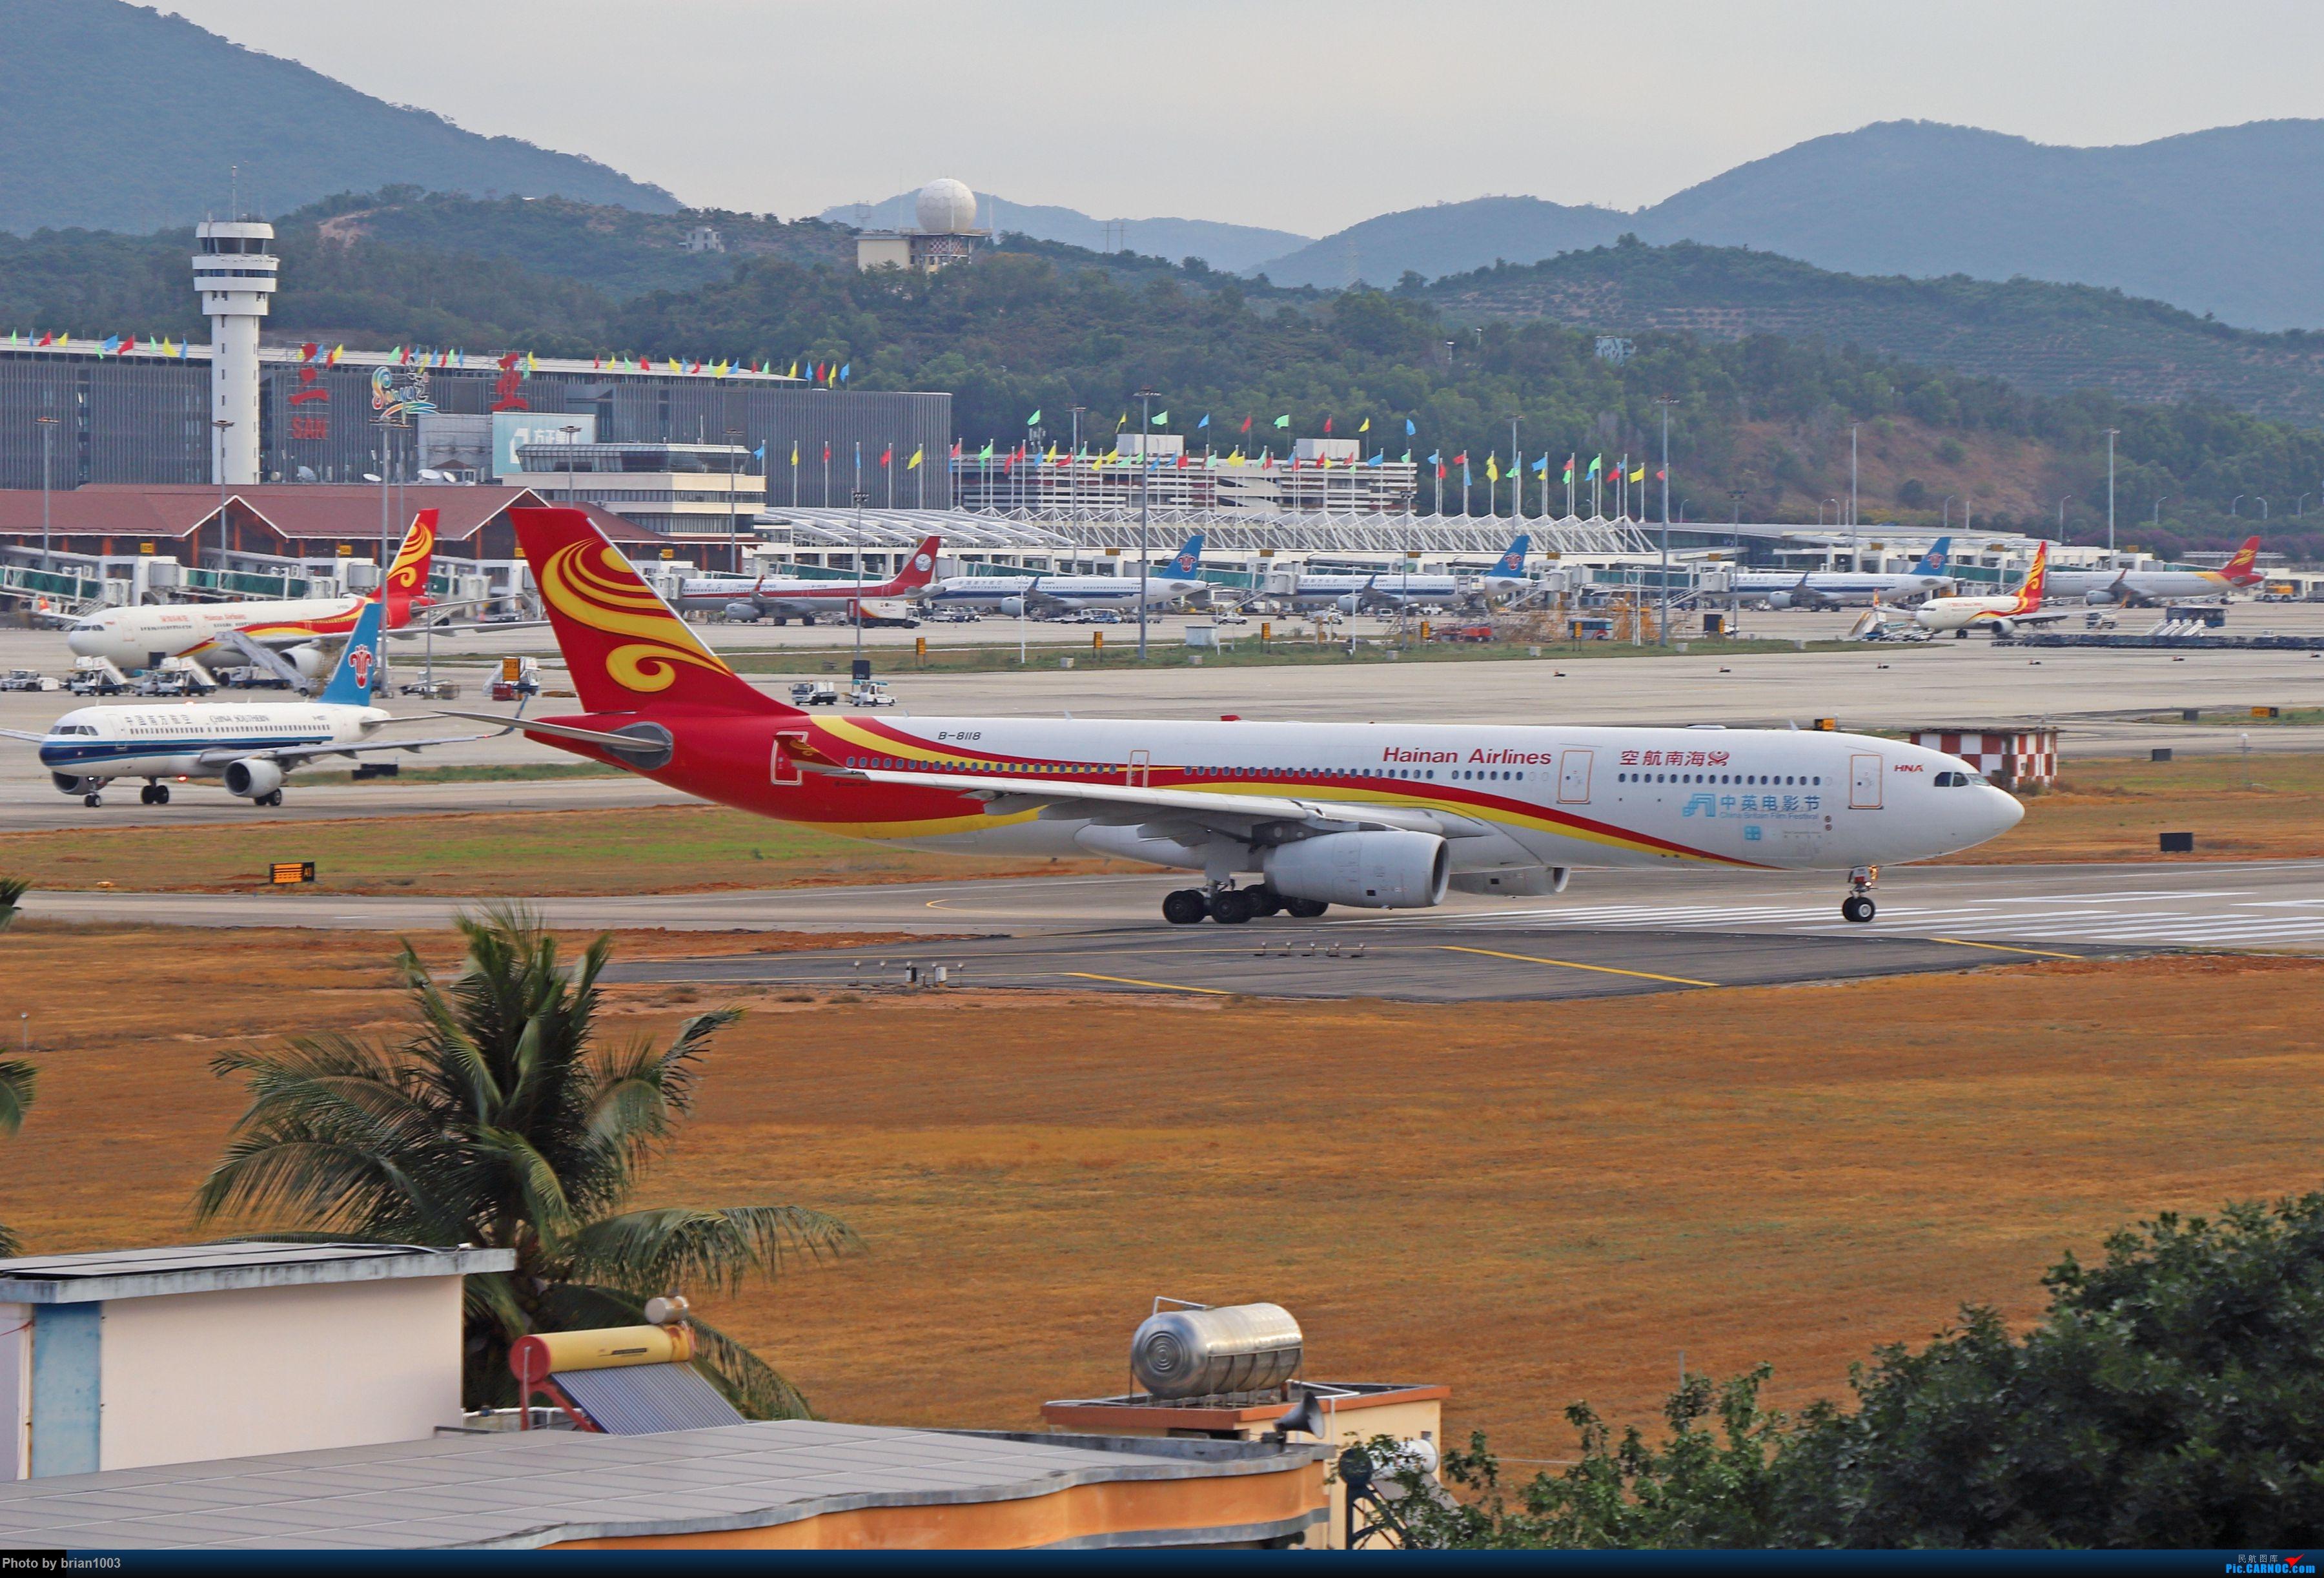 Re:[原创]CZ3347-CZ6734-HU7659,忙里偷闲的三亚拍机之行 AIRBUS A330-300 B-8118 中国三亚凤凰国际机场